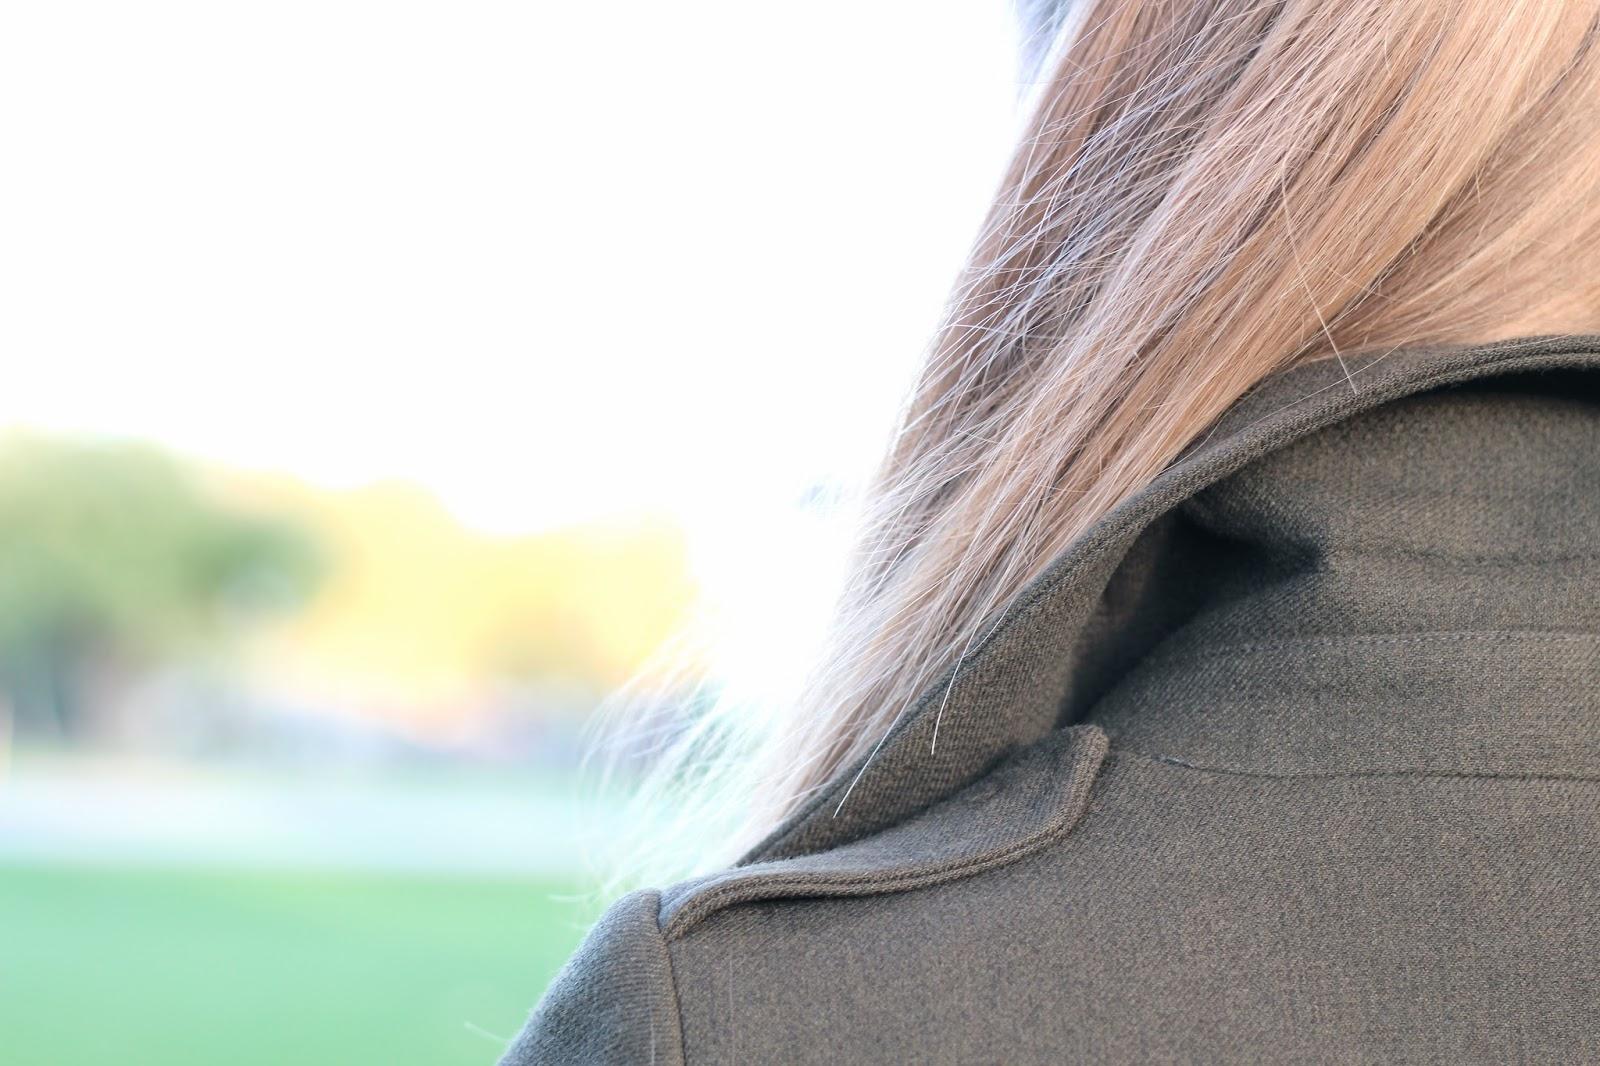 Collar of Zara khaki green military coat